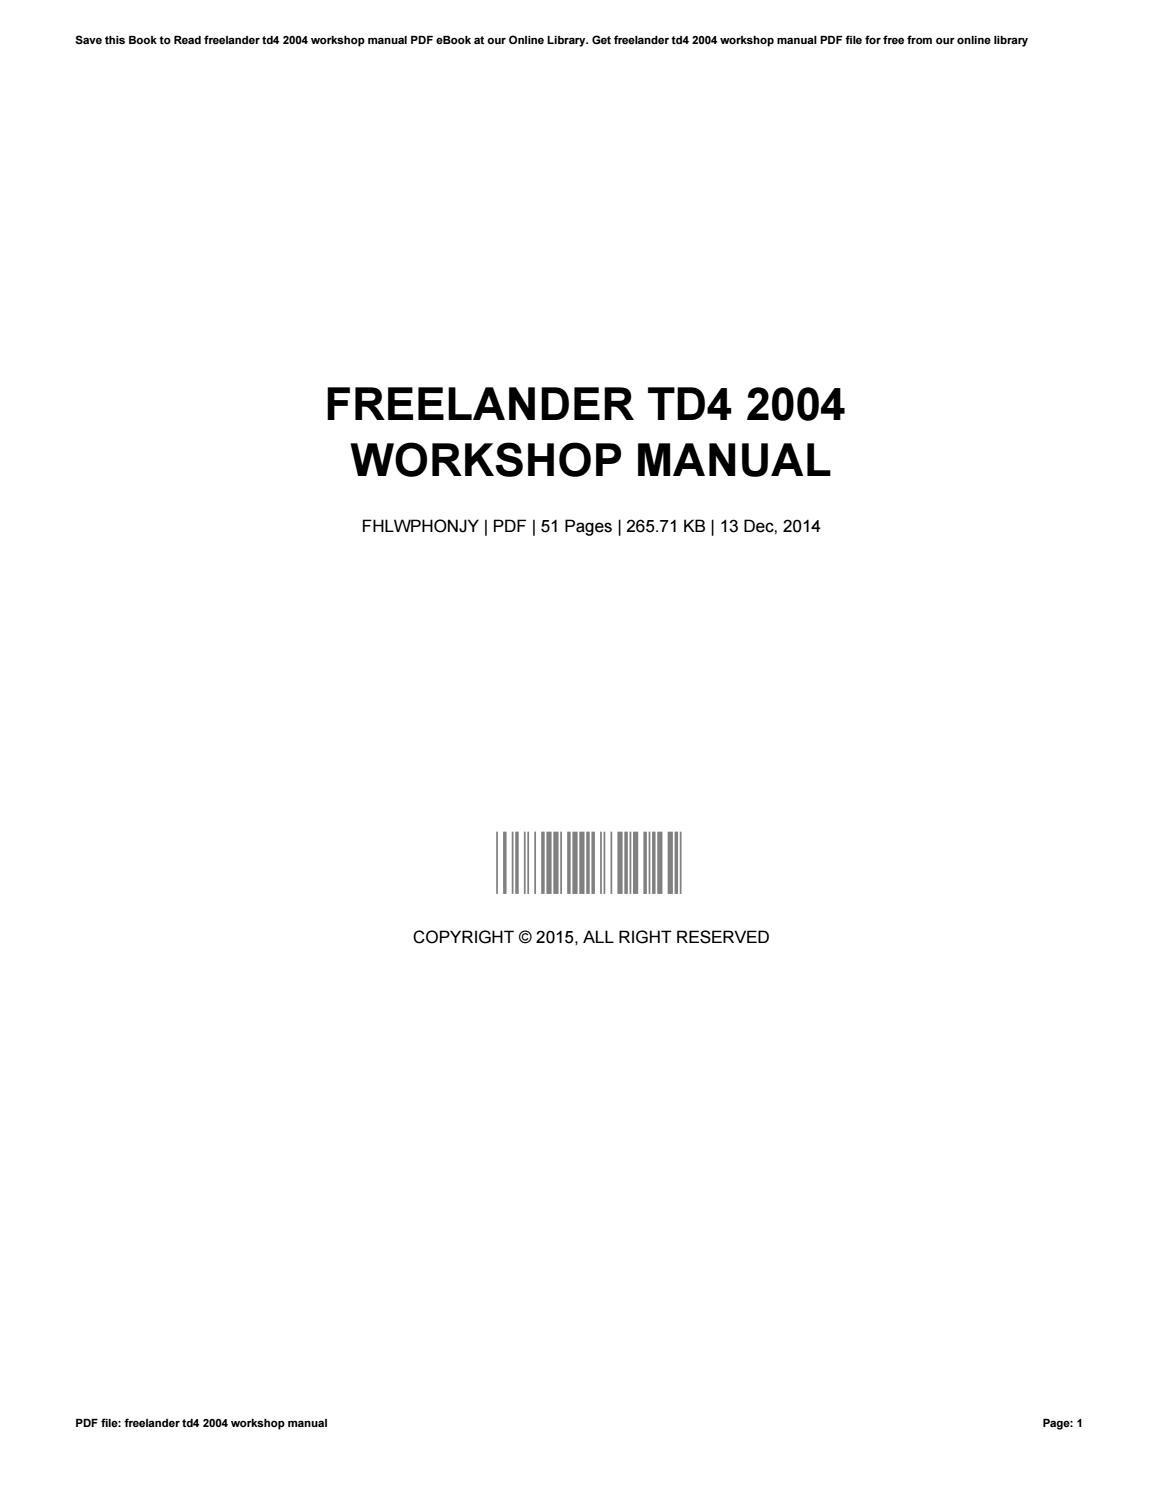 Freelander Workshop Manual Pdf